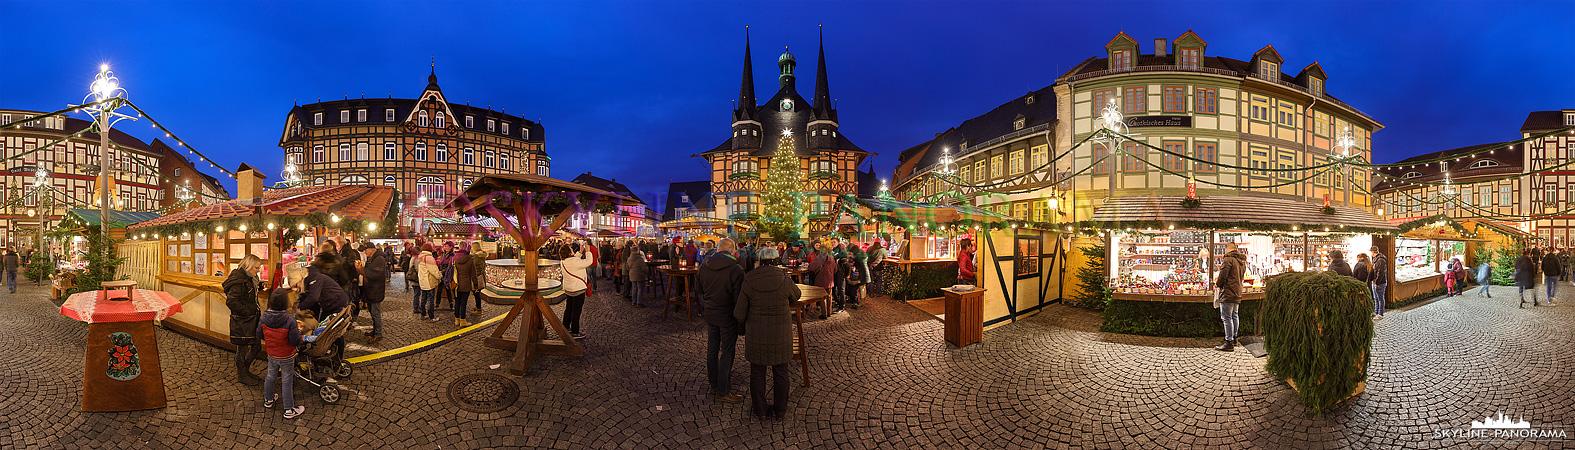 Wernigerode Weihnachtsmarkt.Weihnachtsmarkt Wernigerode Im Harz P 00971 Skyline Panorama De